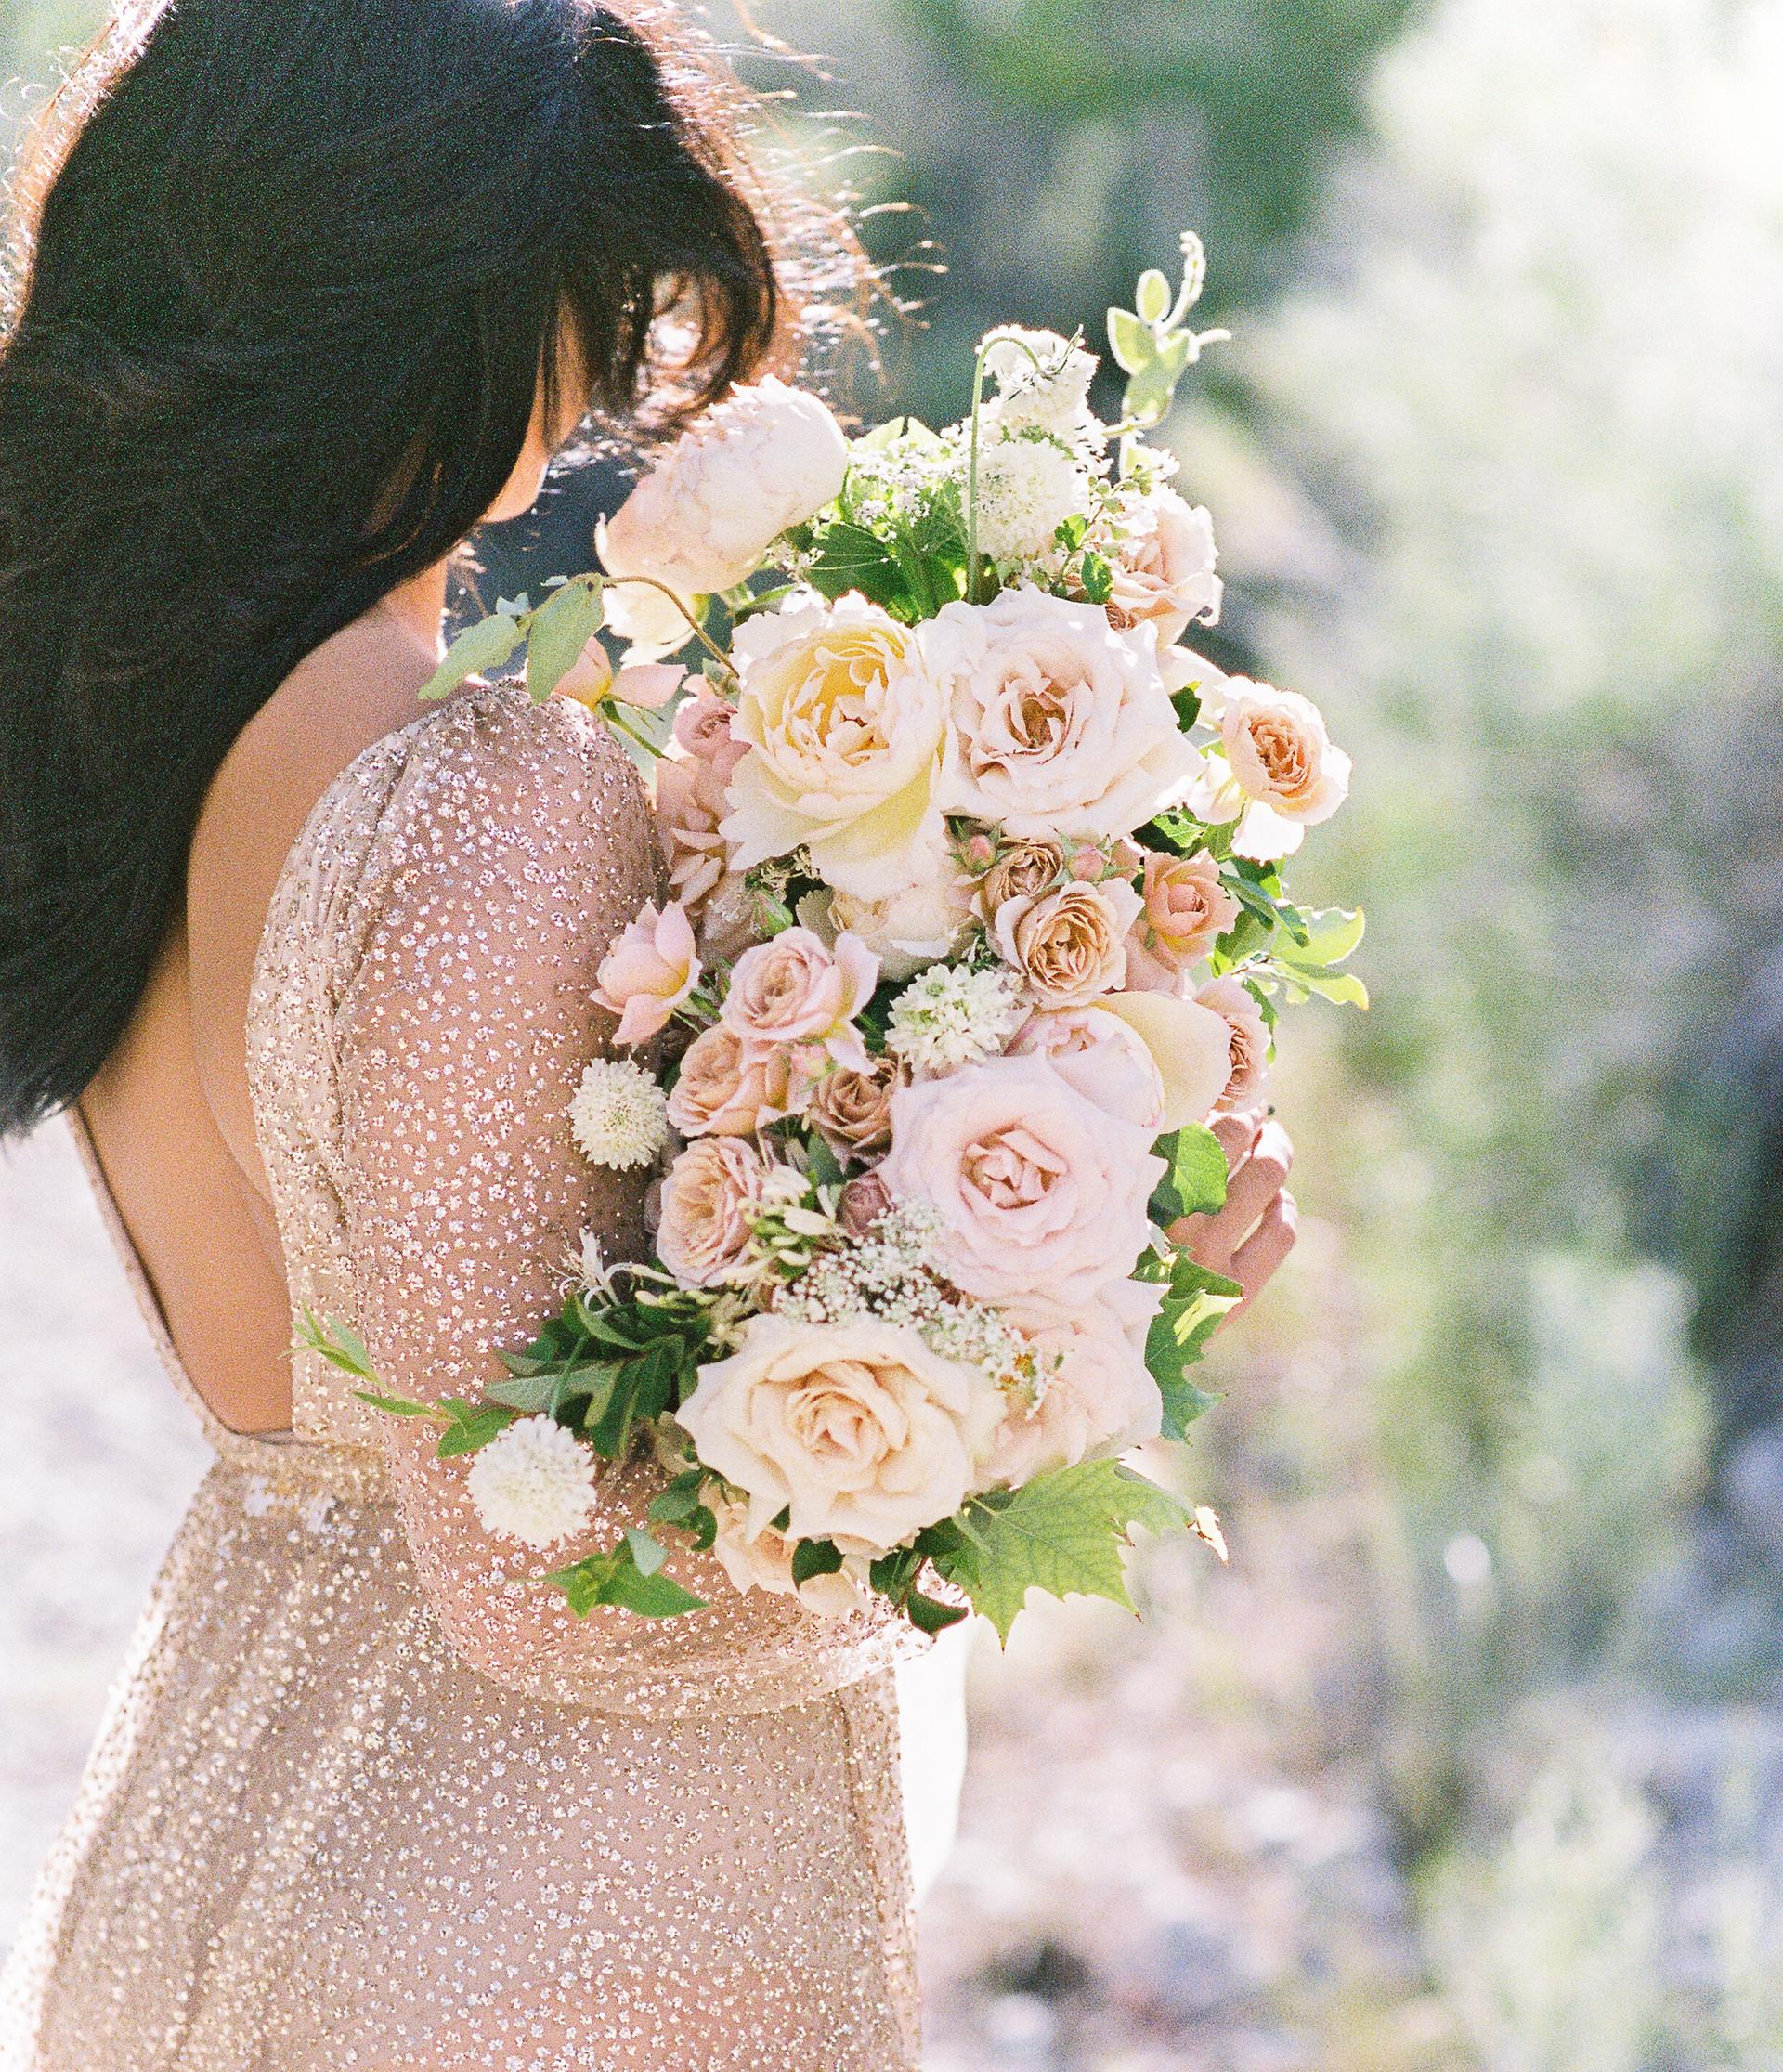 Neutral colored bridal bouquet. Photo: Kristen Joy